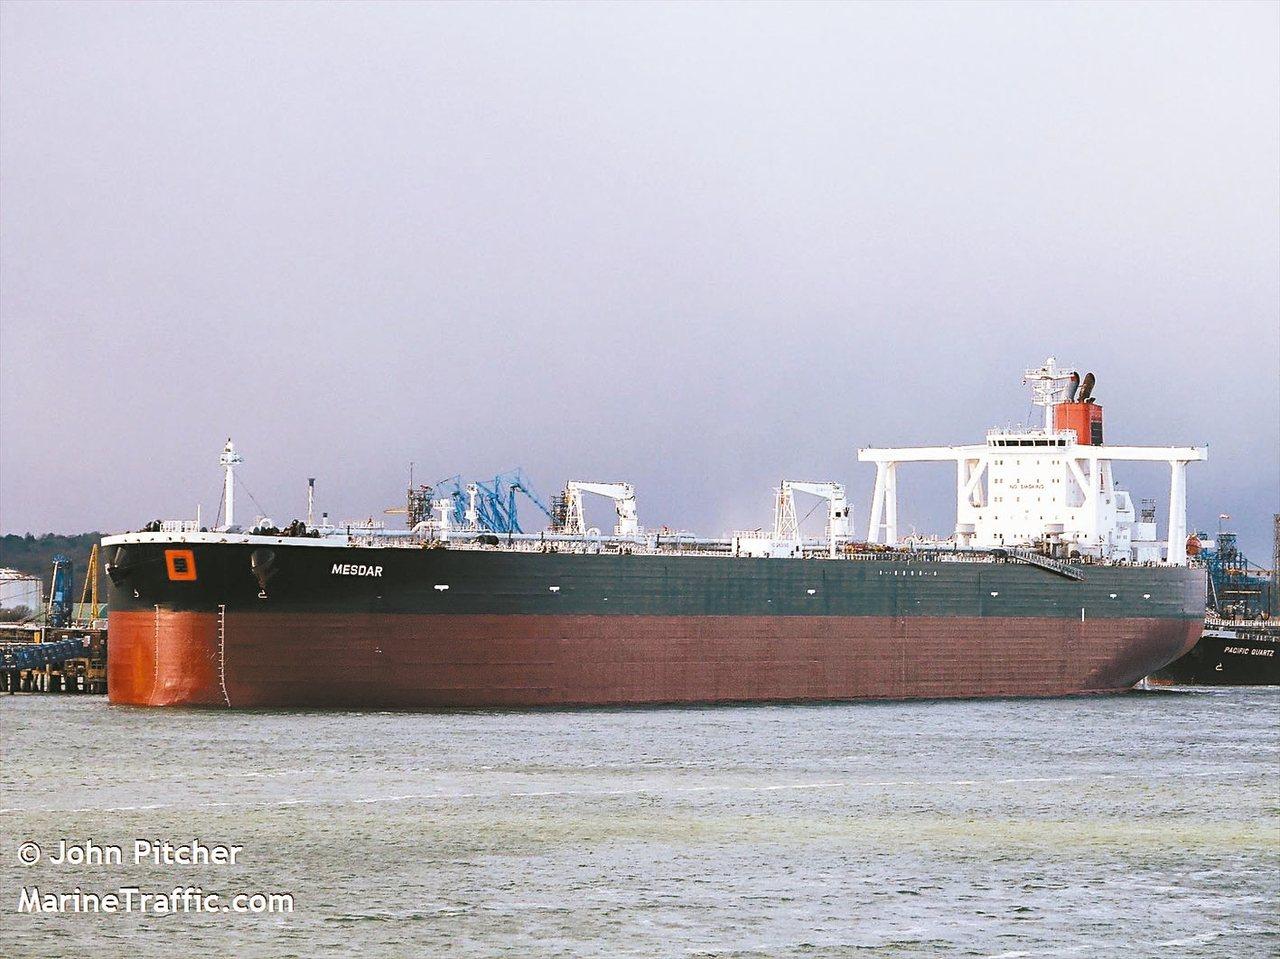 油輪Mesdar遭伊朗短暫扣押,隨後獲放行。 路透